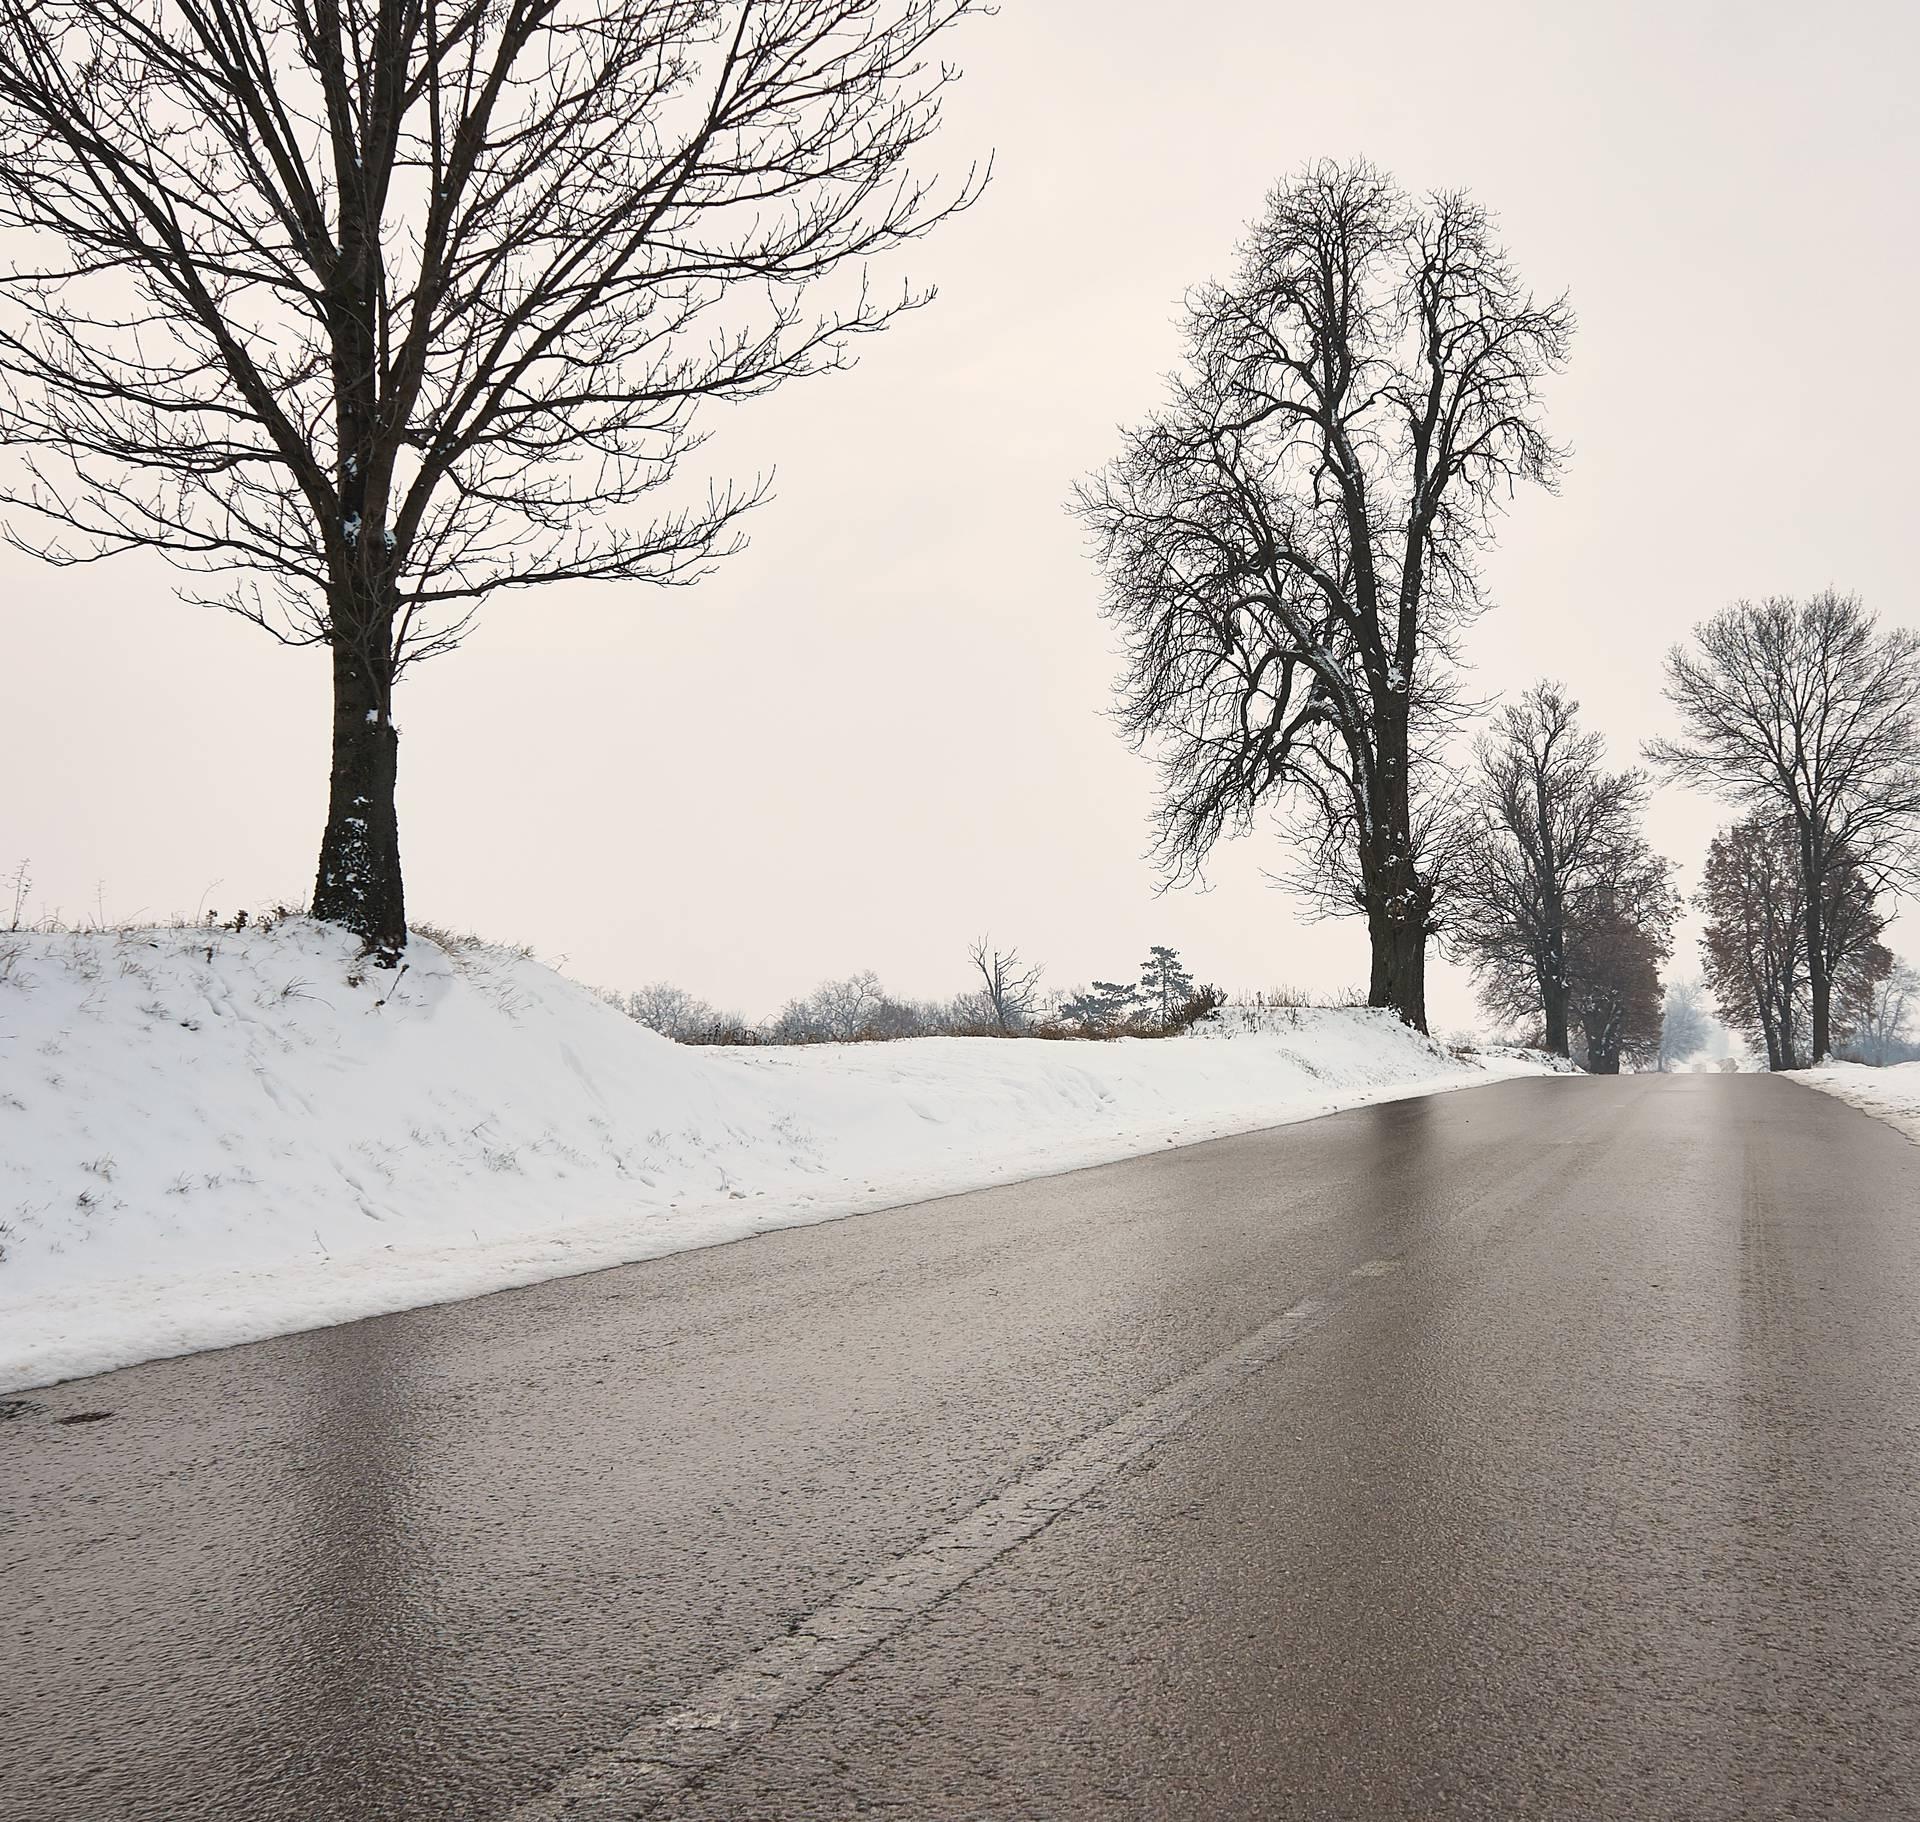 Nevidljiva prijetnja opasnija je od snijega i uzima više života